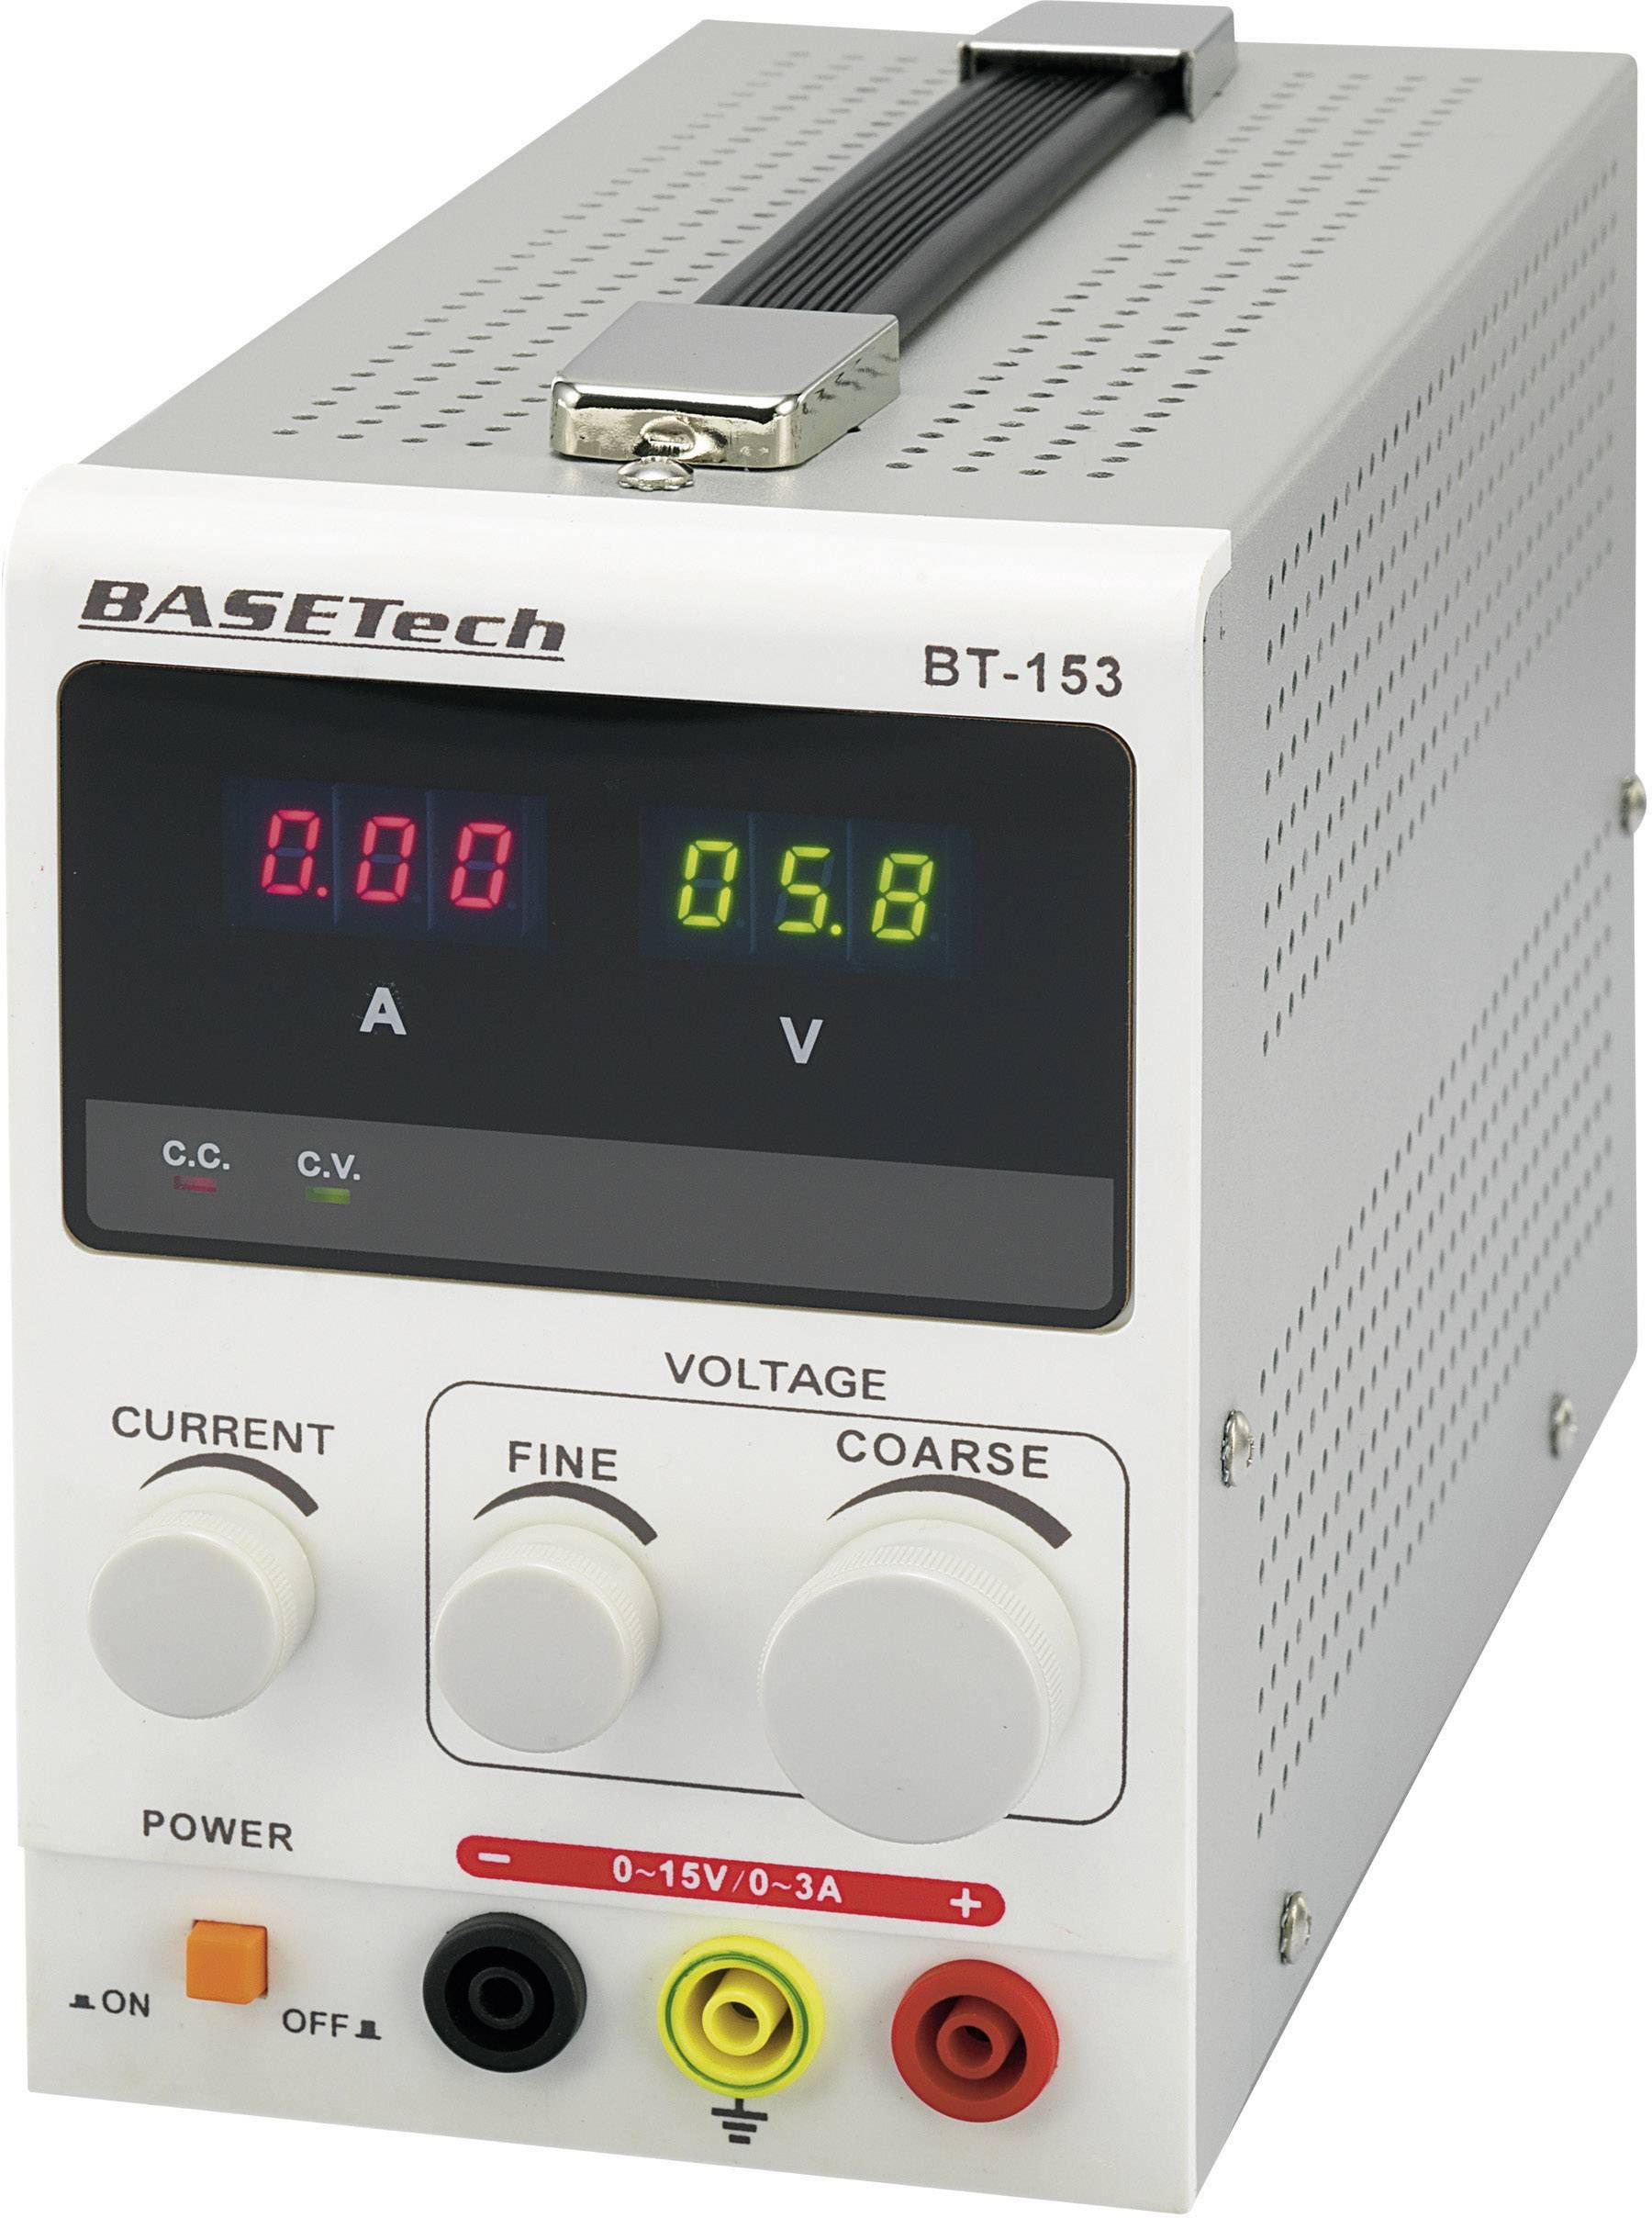 Laboratórny sieťový zdroj BASETech BT-153, 0 - 15 V/DC, 0 - 3 A